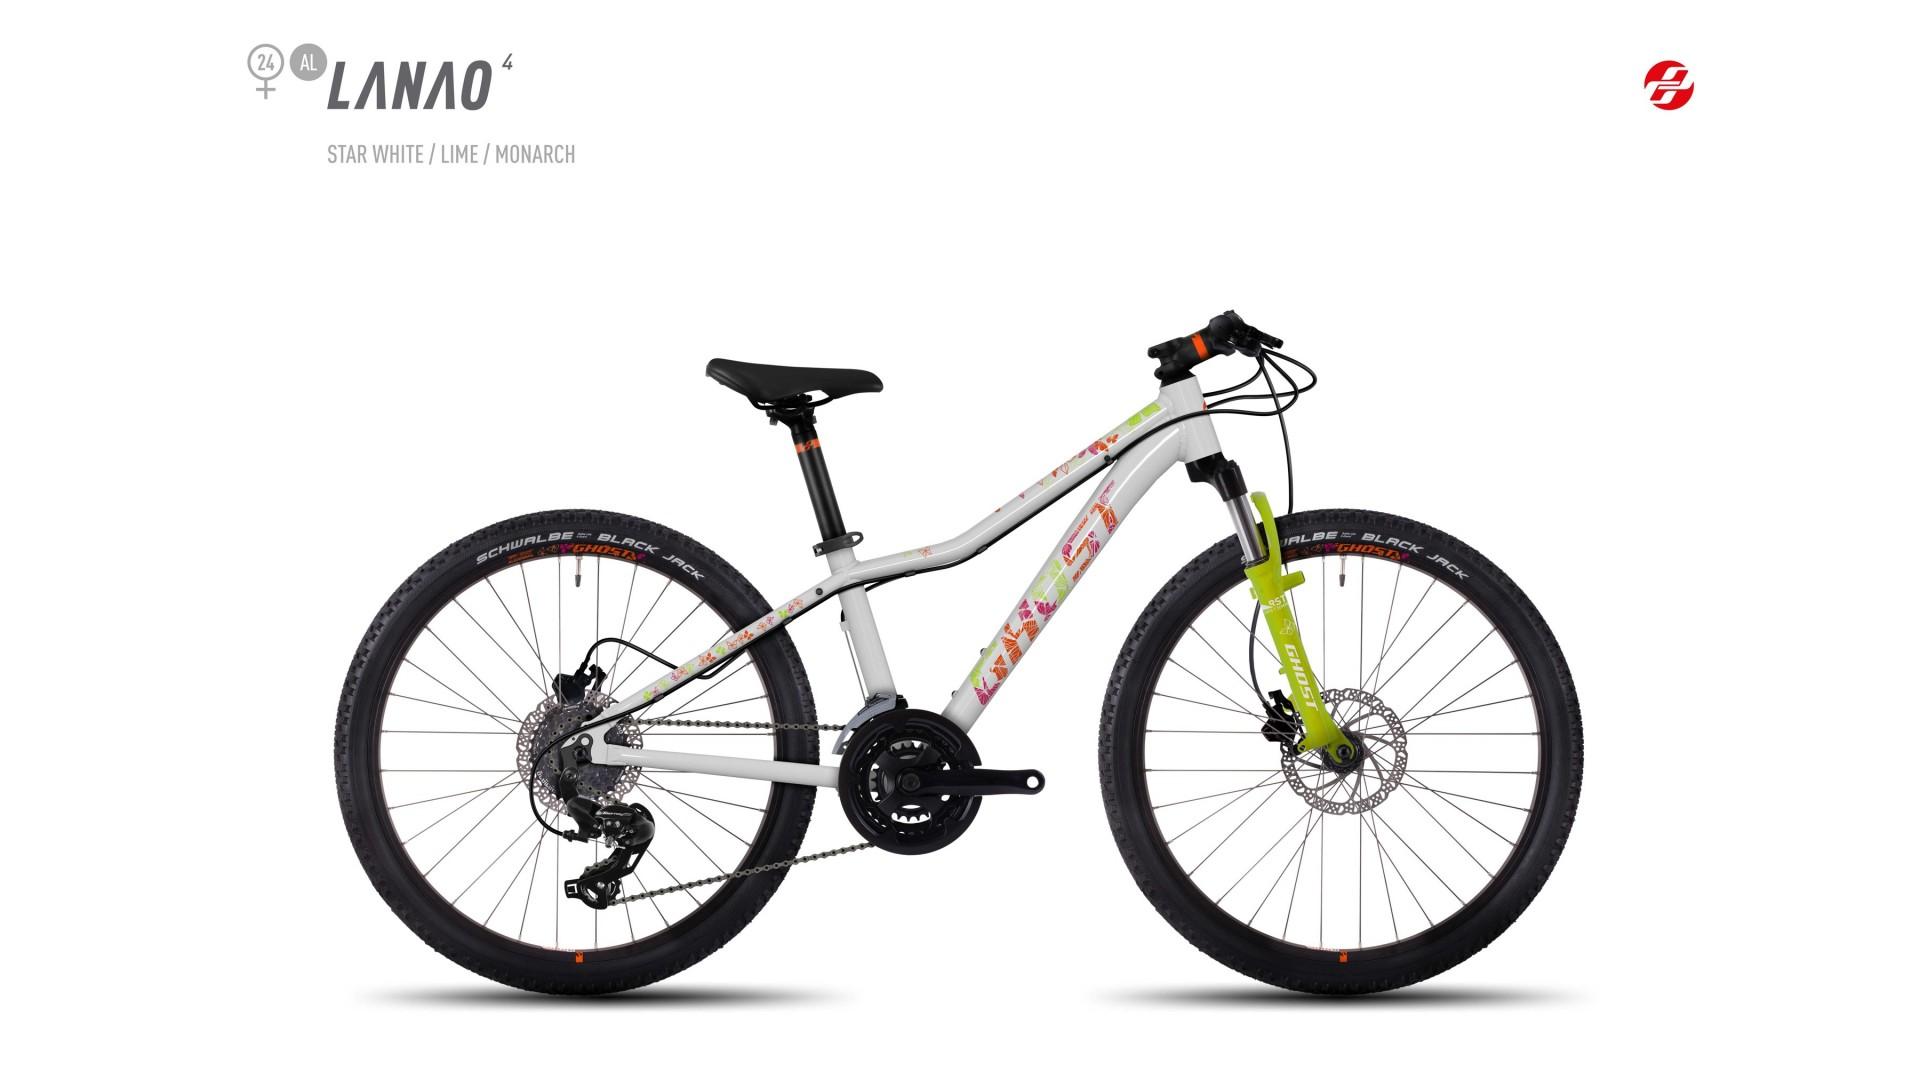 Велосипед GHOST Lanao 4 AL 24 starwhite/limegreen/monarchorange год 2017